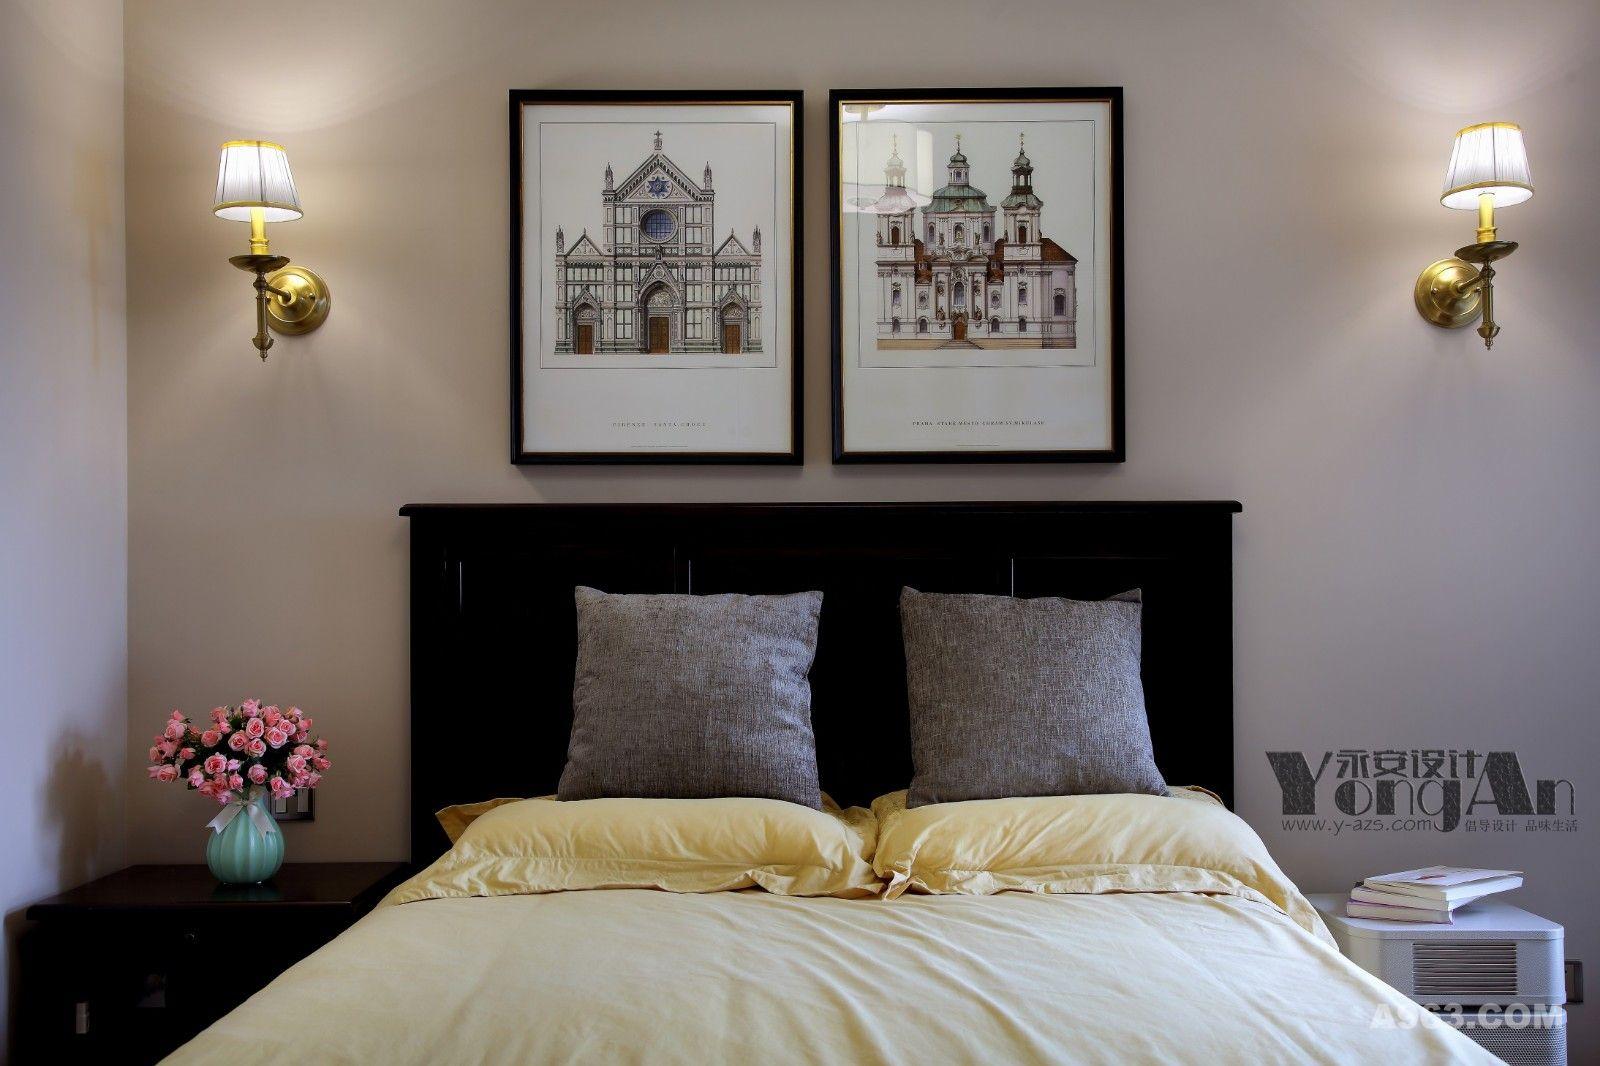 长辈房:不需要过多装饰,大气舒适最是平凡却悠长。